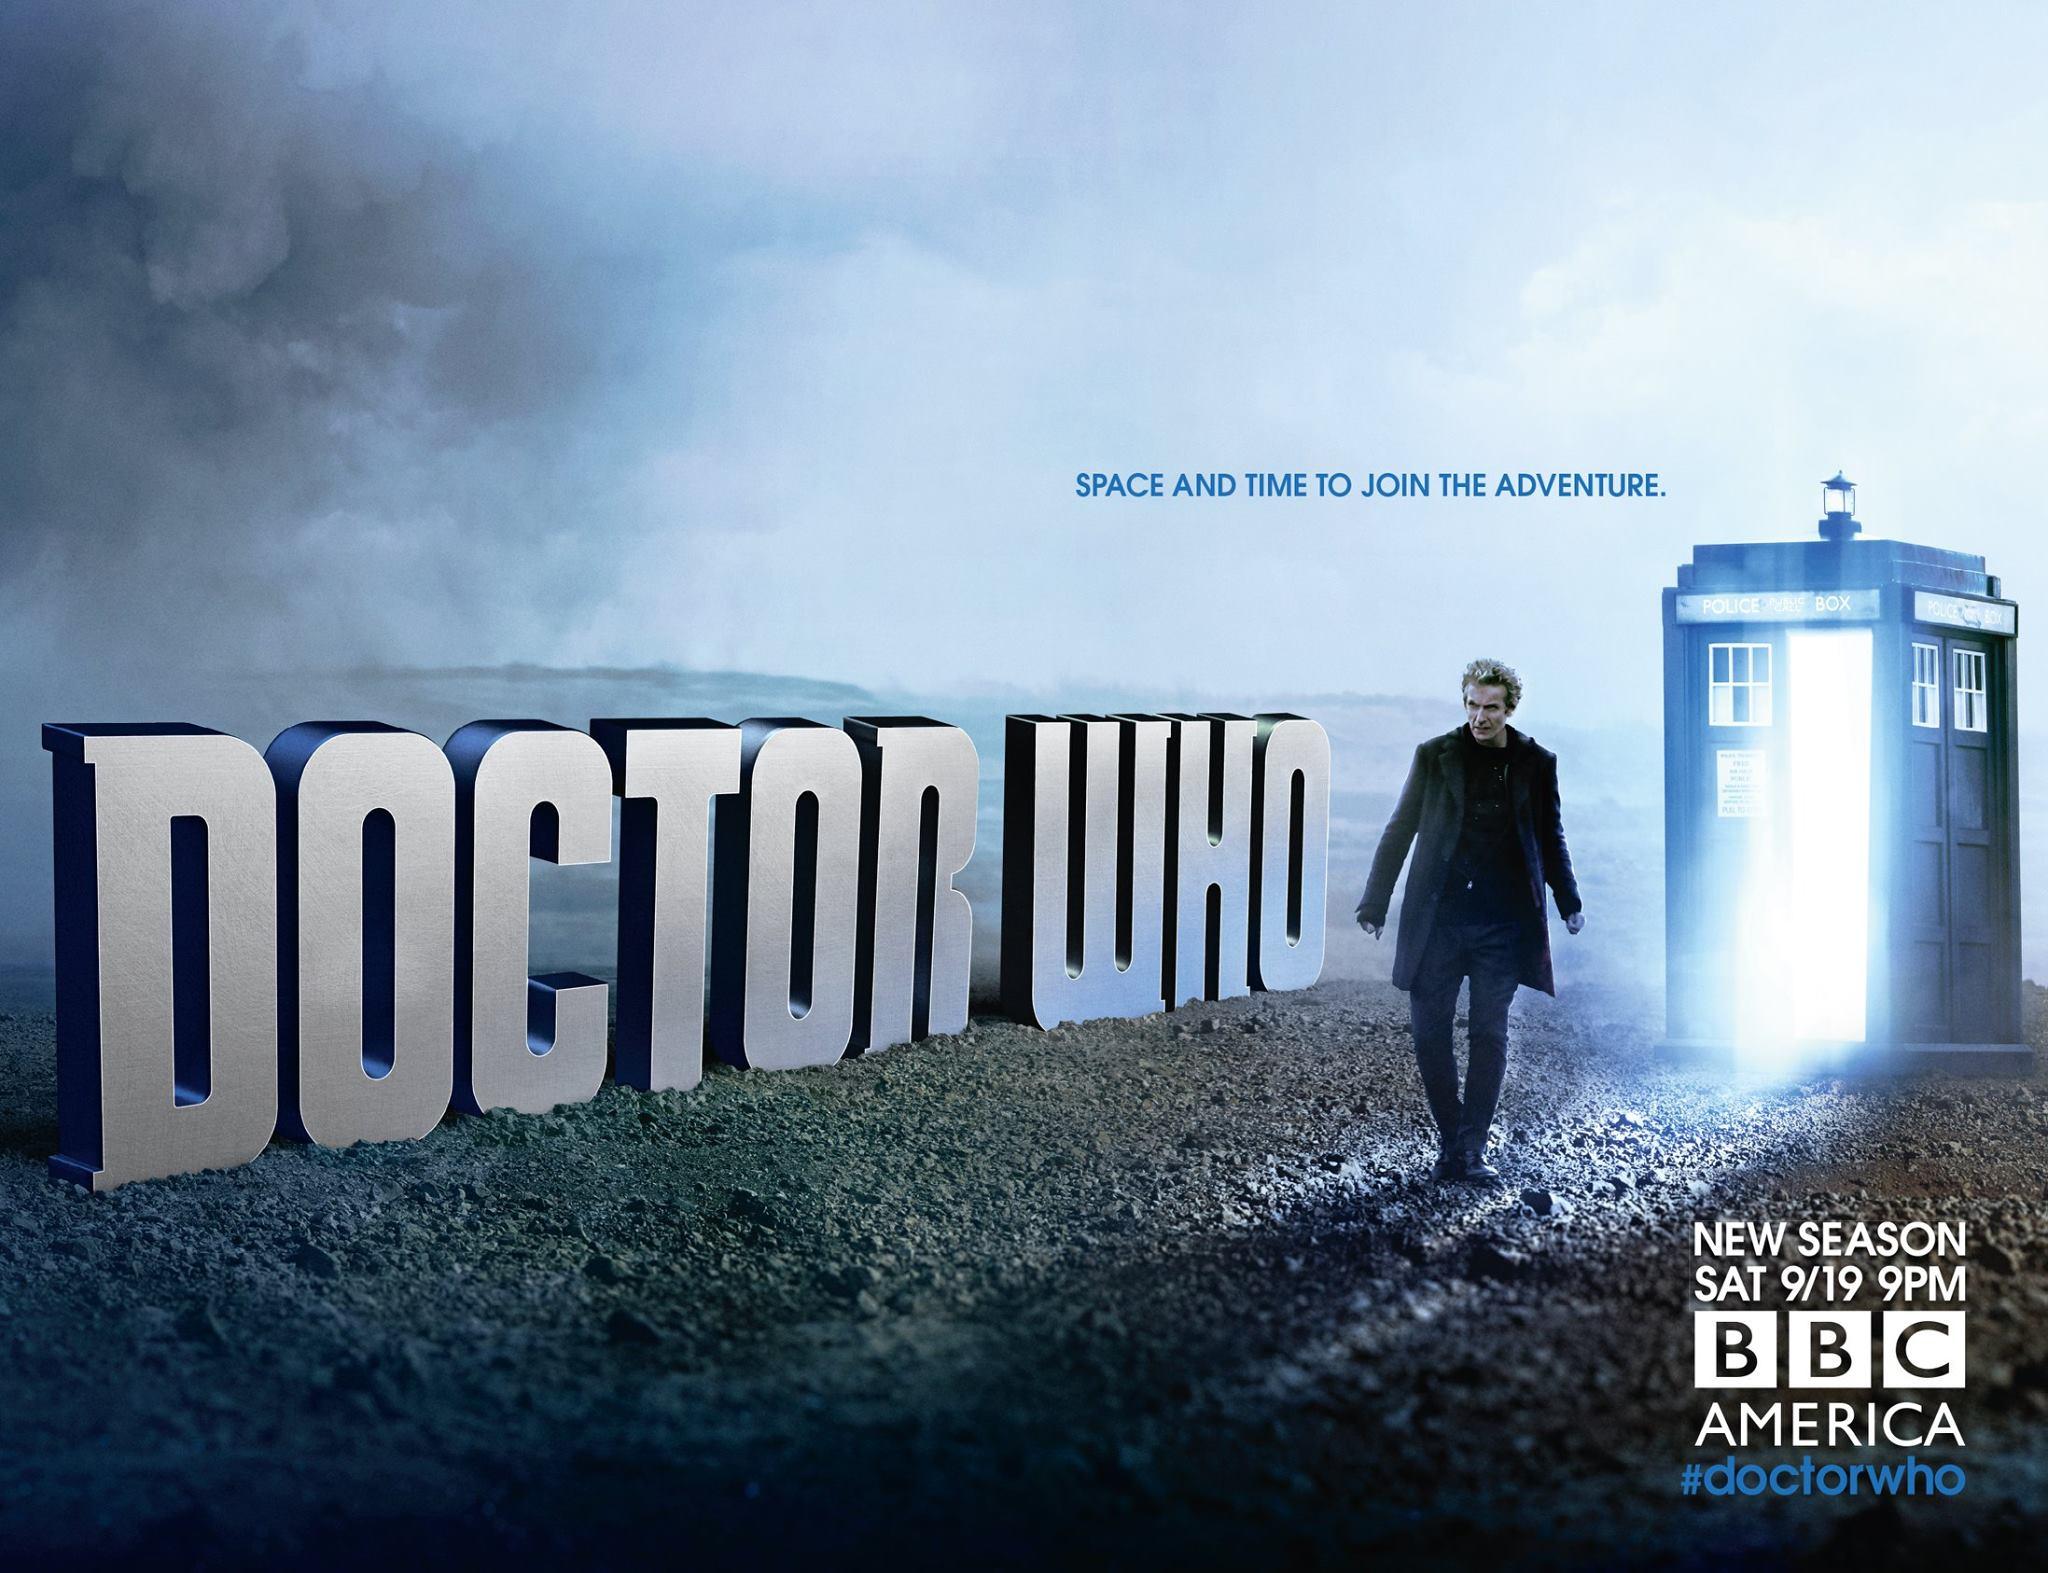 Imagem-promocional-9-temporada-Doctor-who